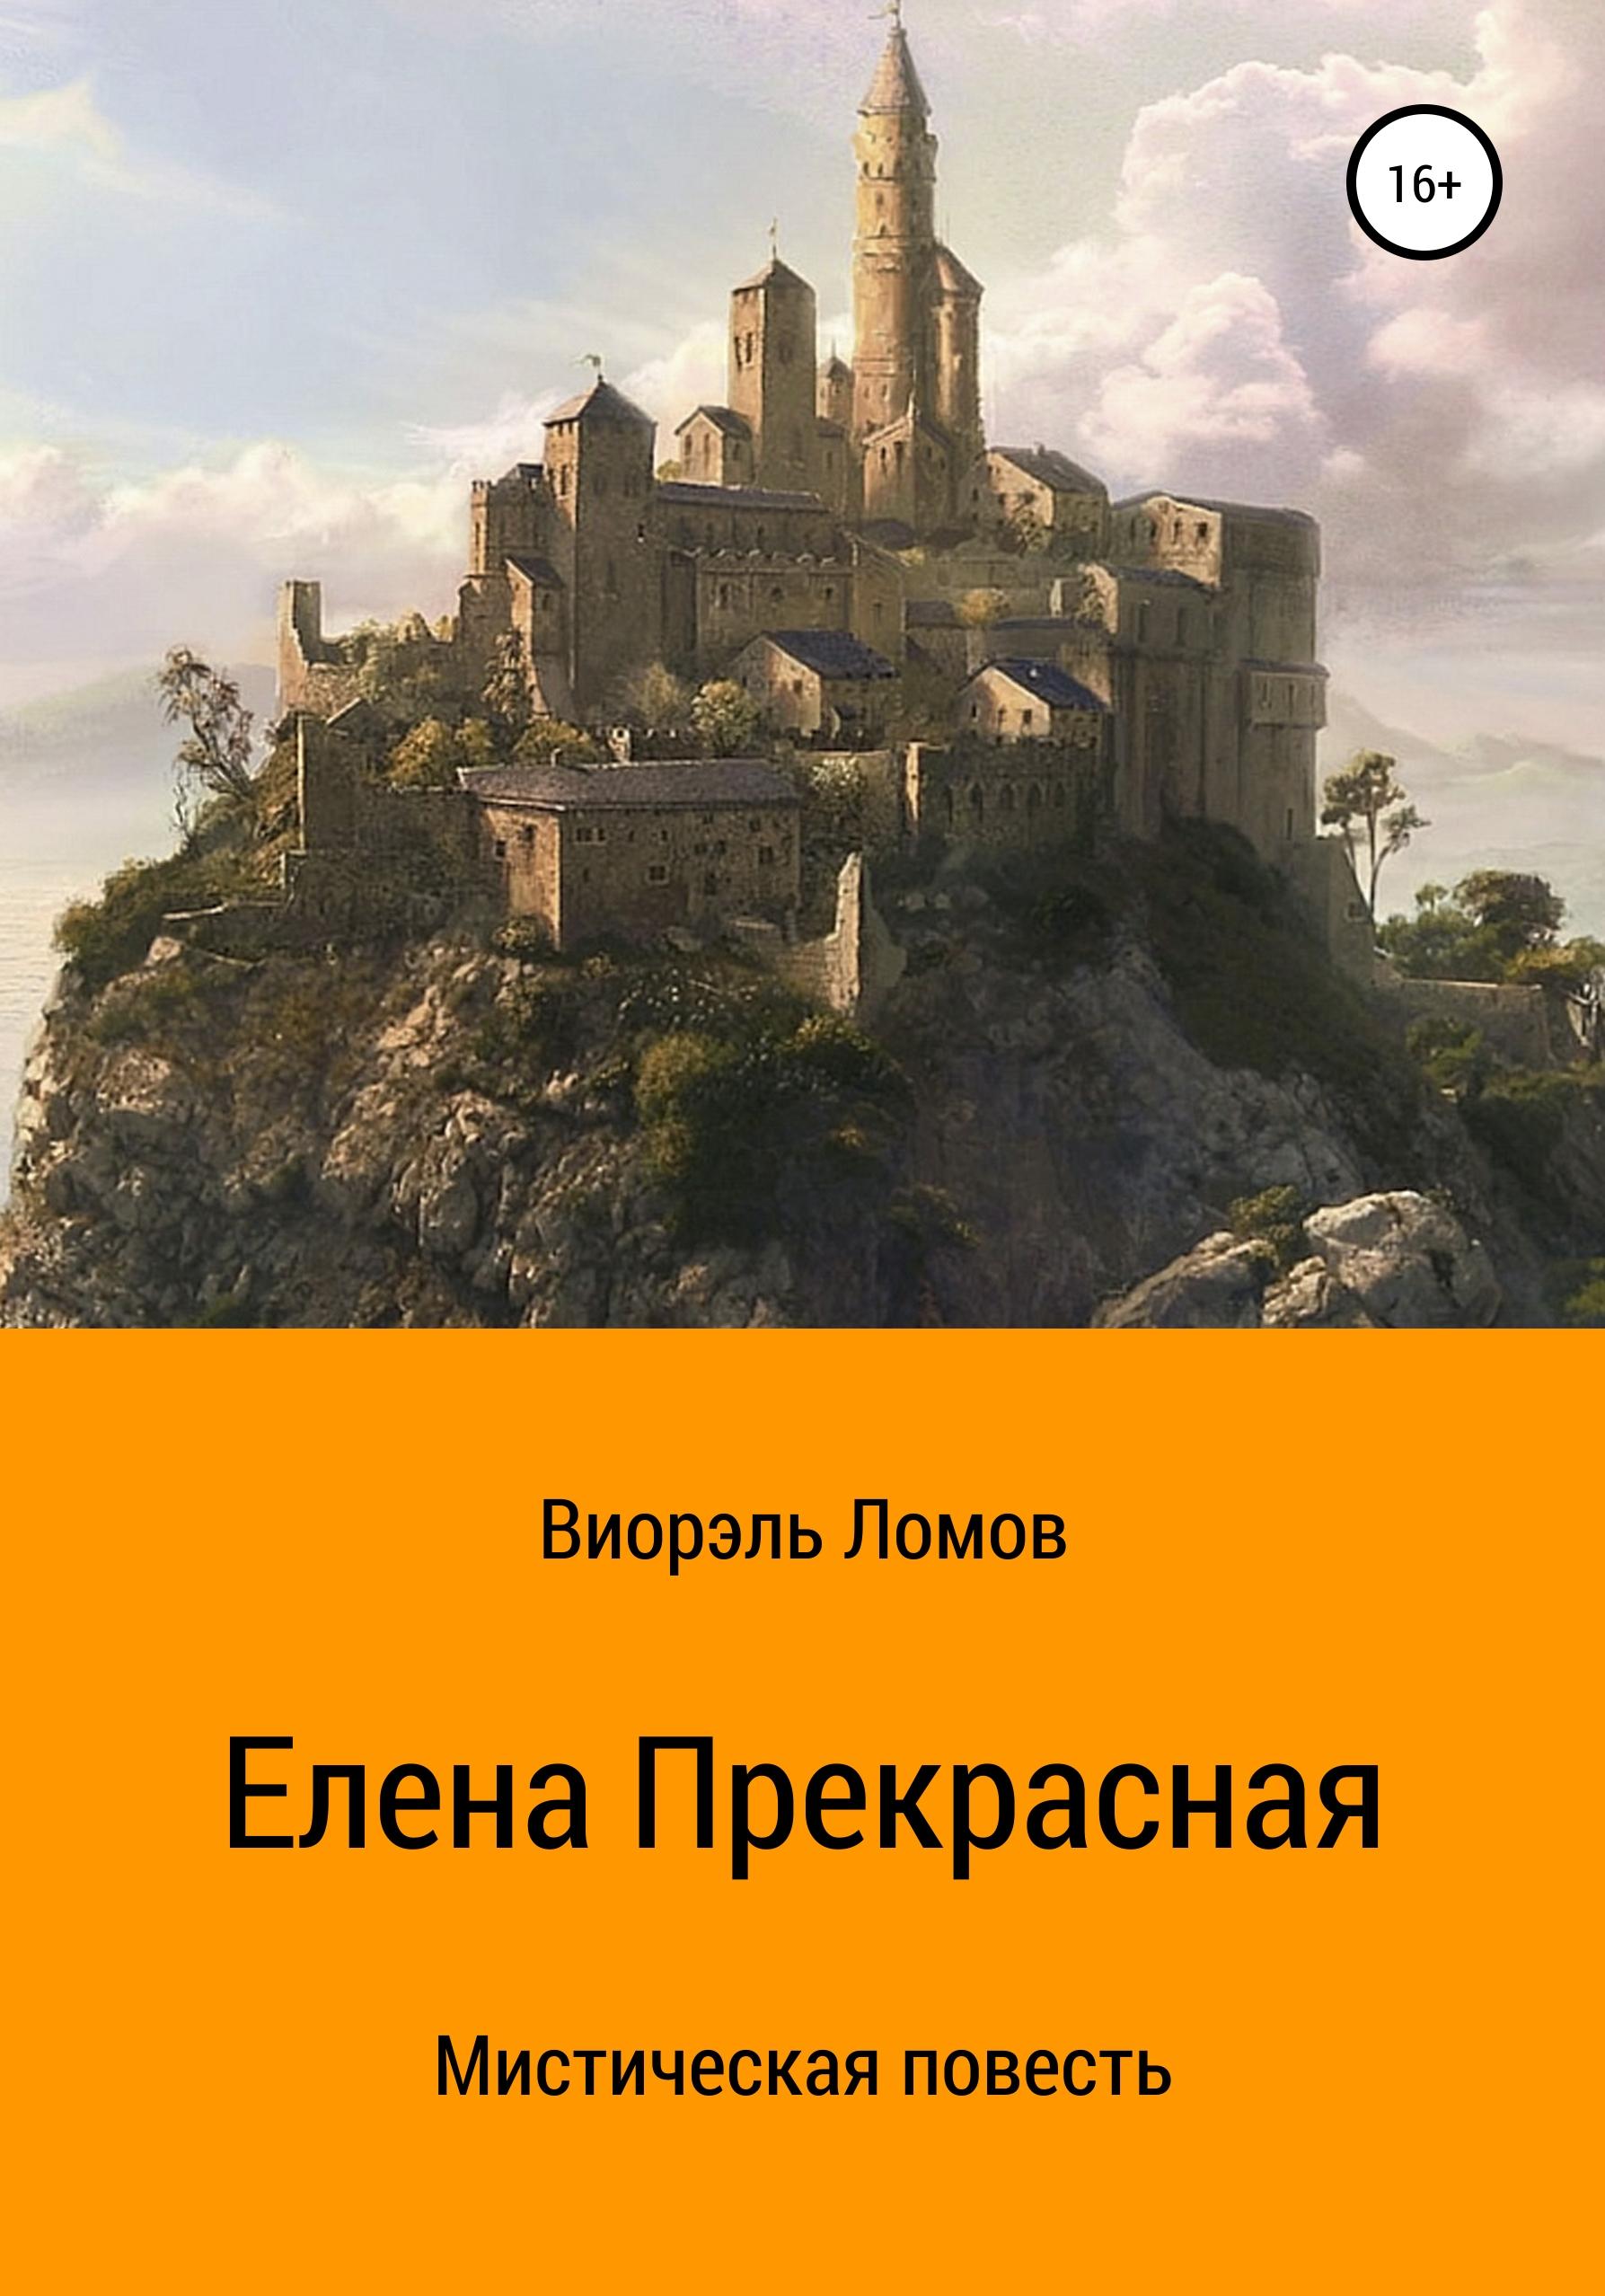 Виорэль Михайлович Ломов Елена Прекрасная